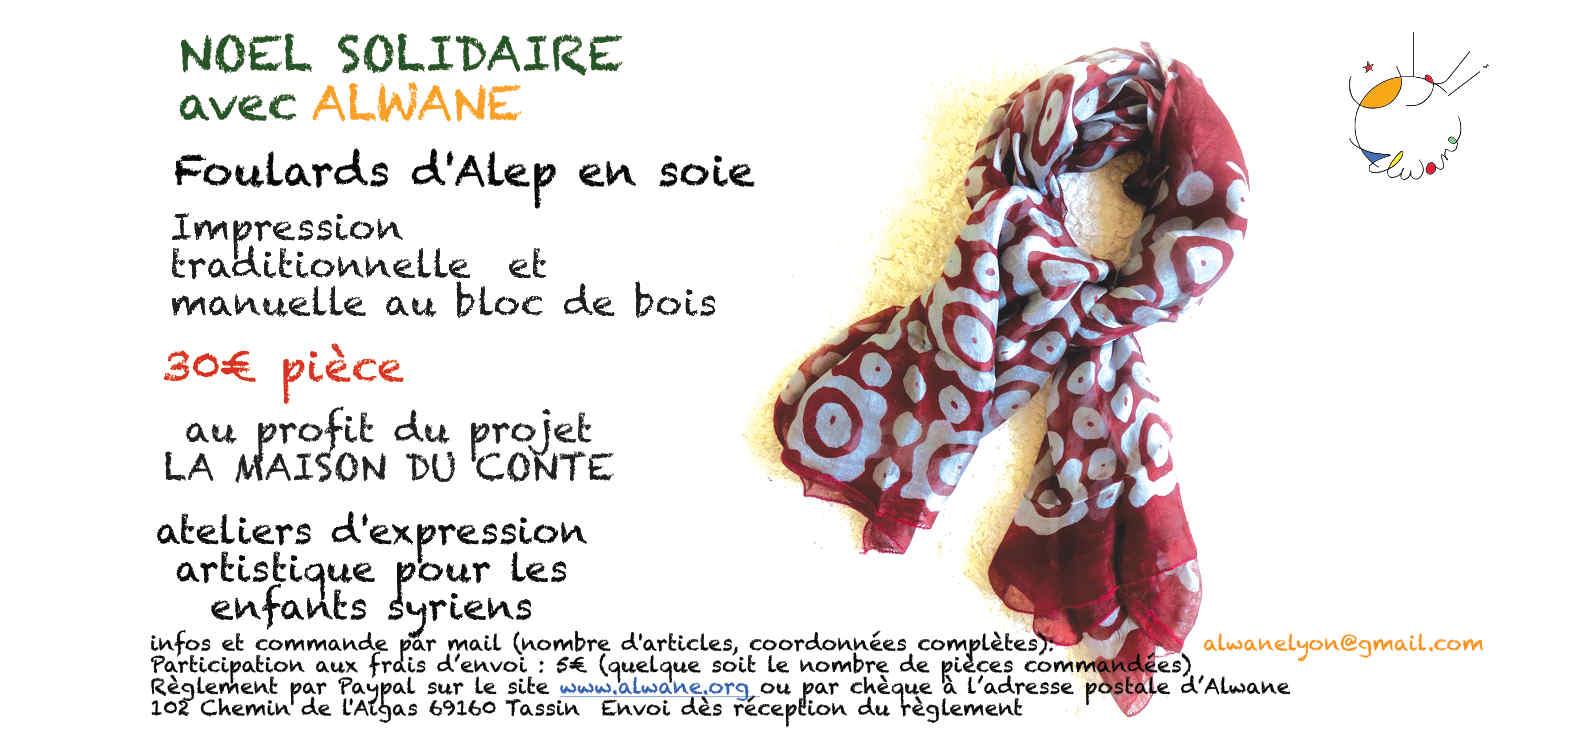 Noël Solidaire vente foulards d'Alep en soie